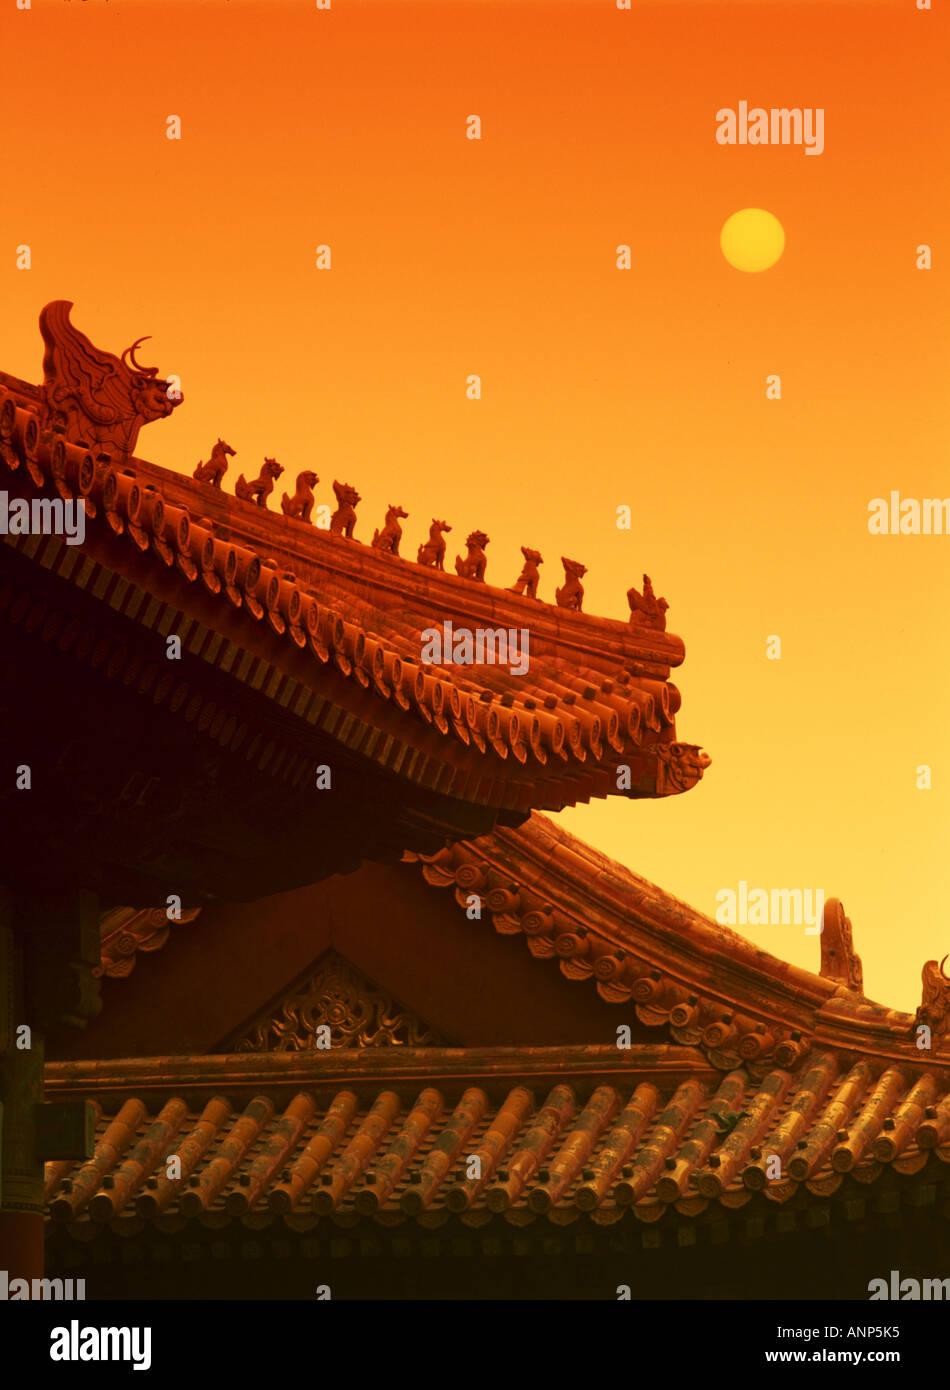 Basso angolo vista del tetto di un tempio cinese Immagini Stock